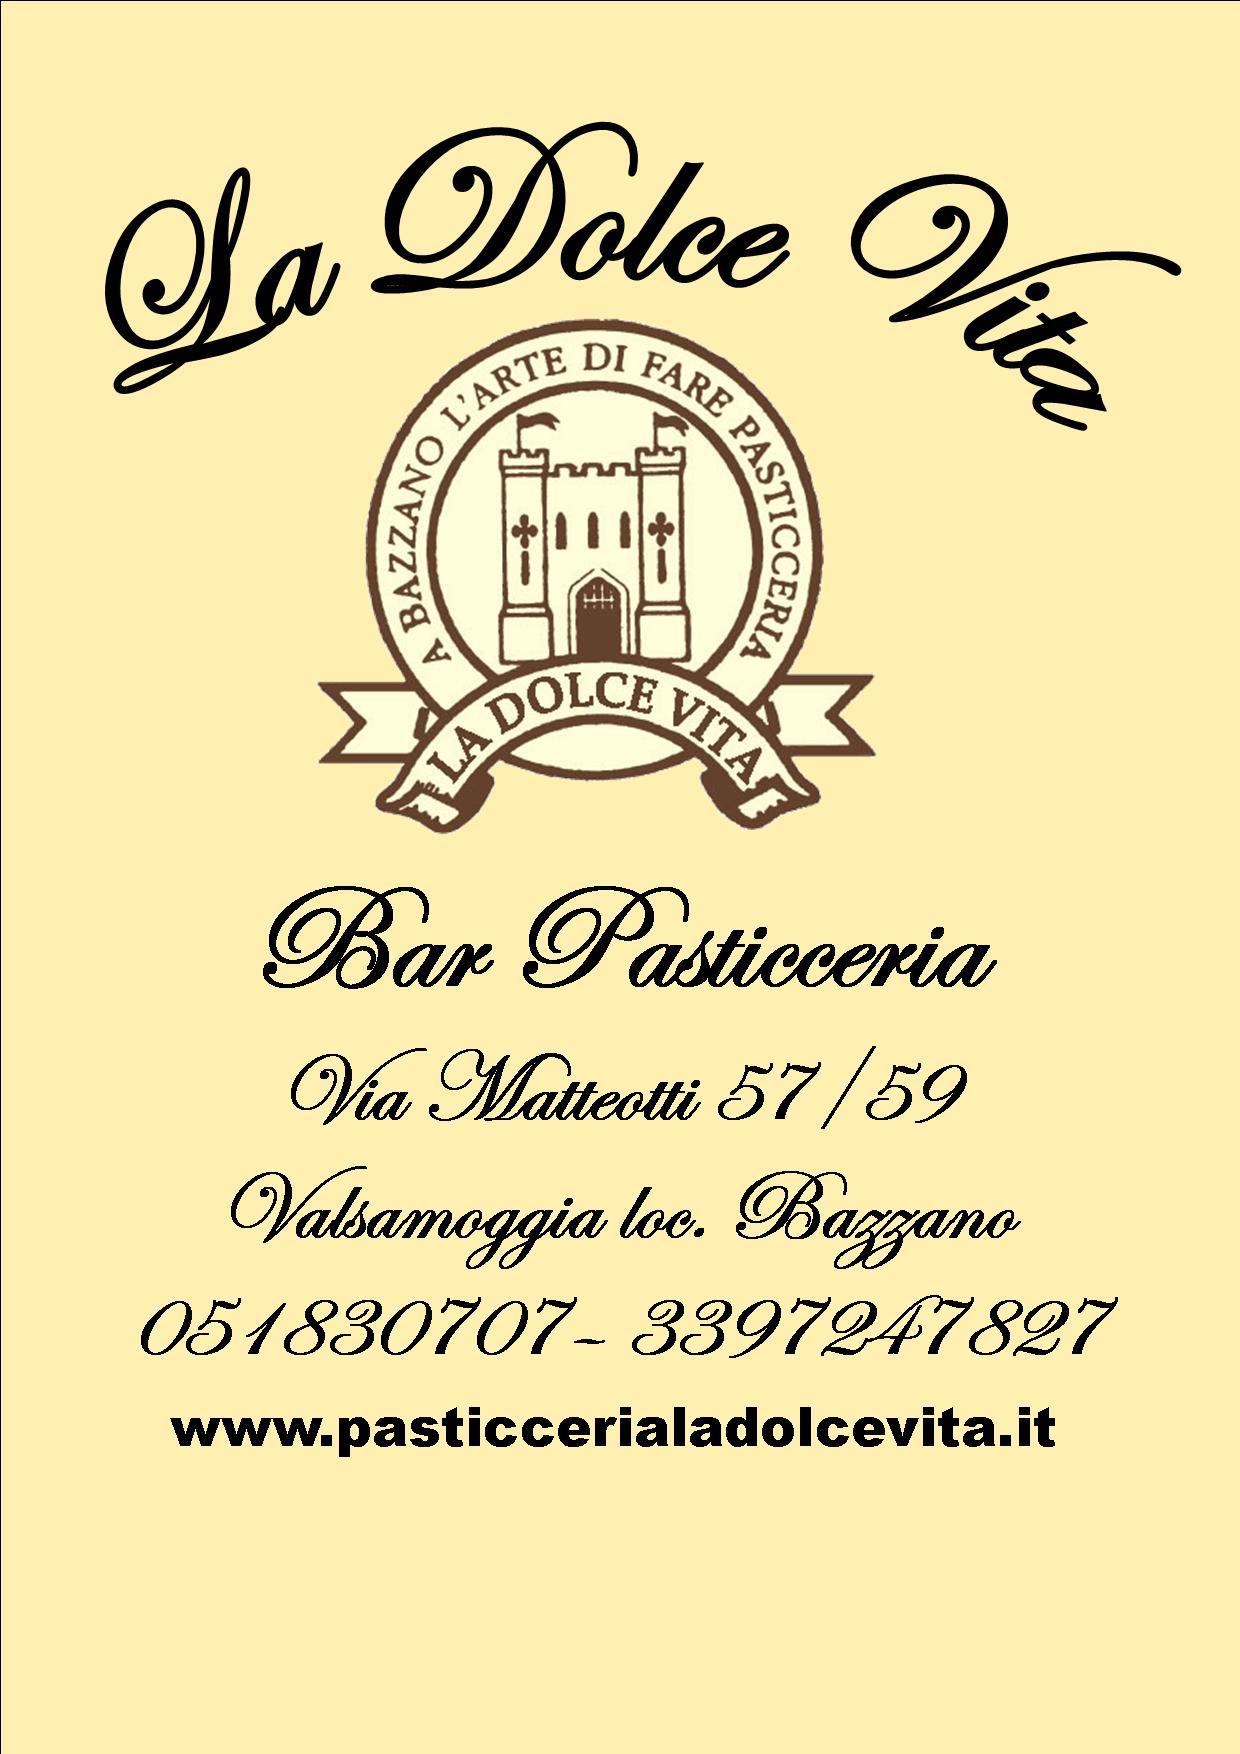 Pubblicazione ldv logo ciocco